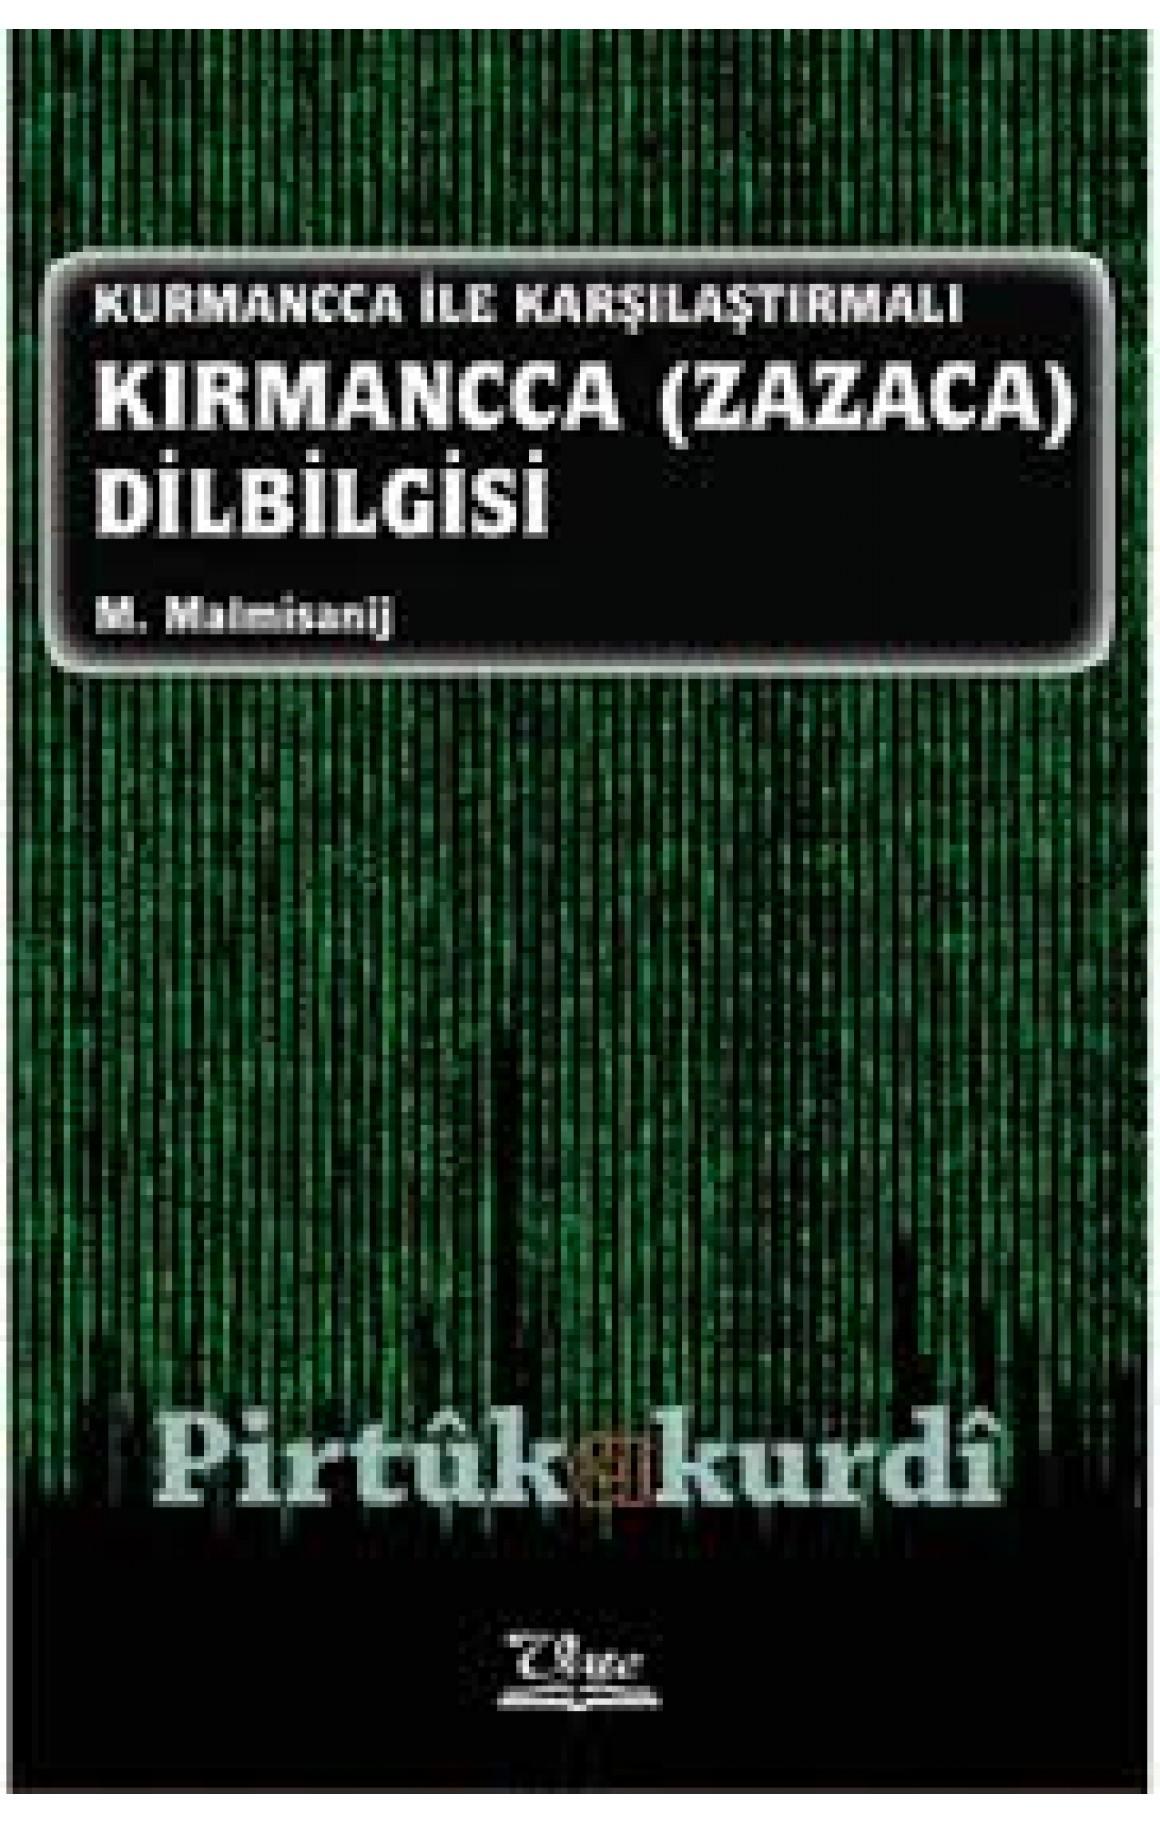 Kurmancca İle Karşılaştırmalı Kırmancca (Zazaca) Dilbilgisi